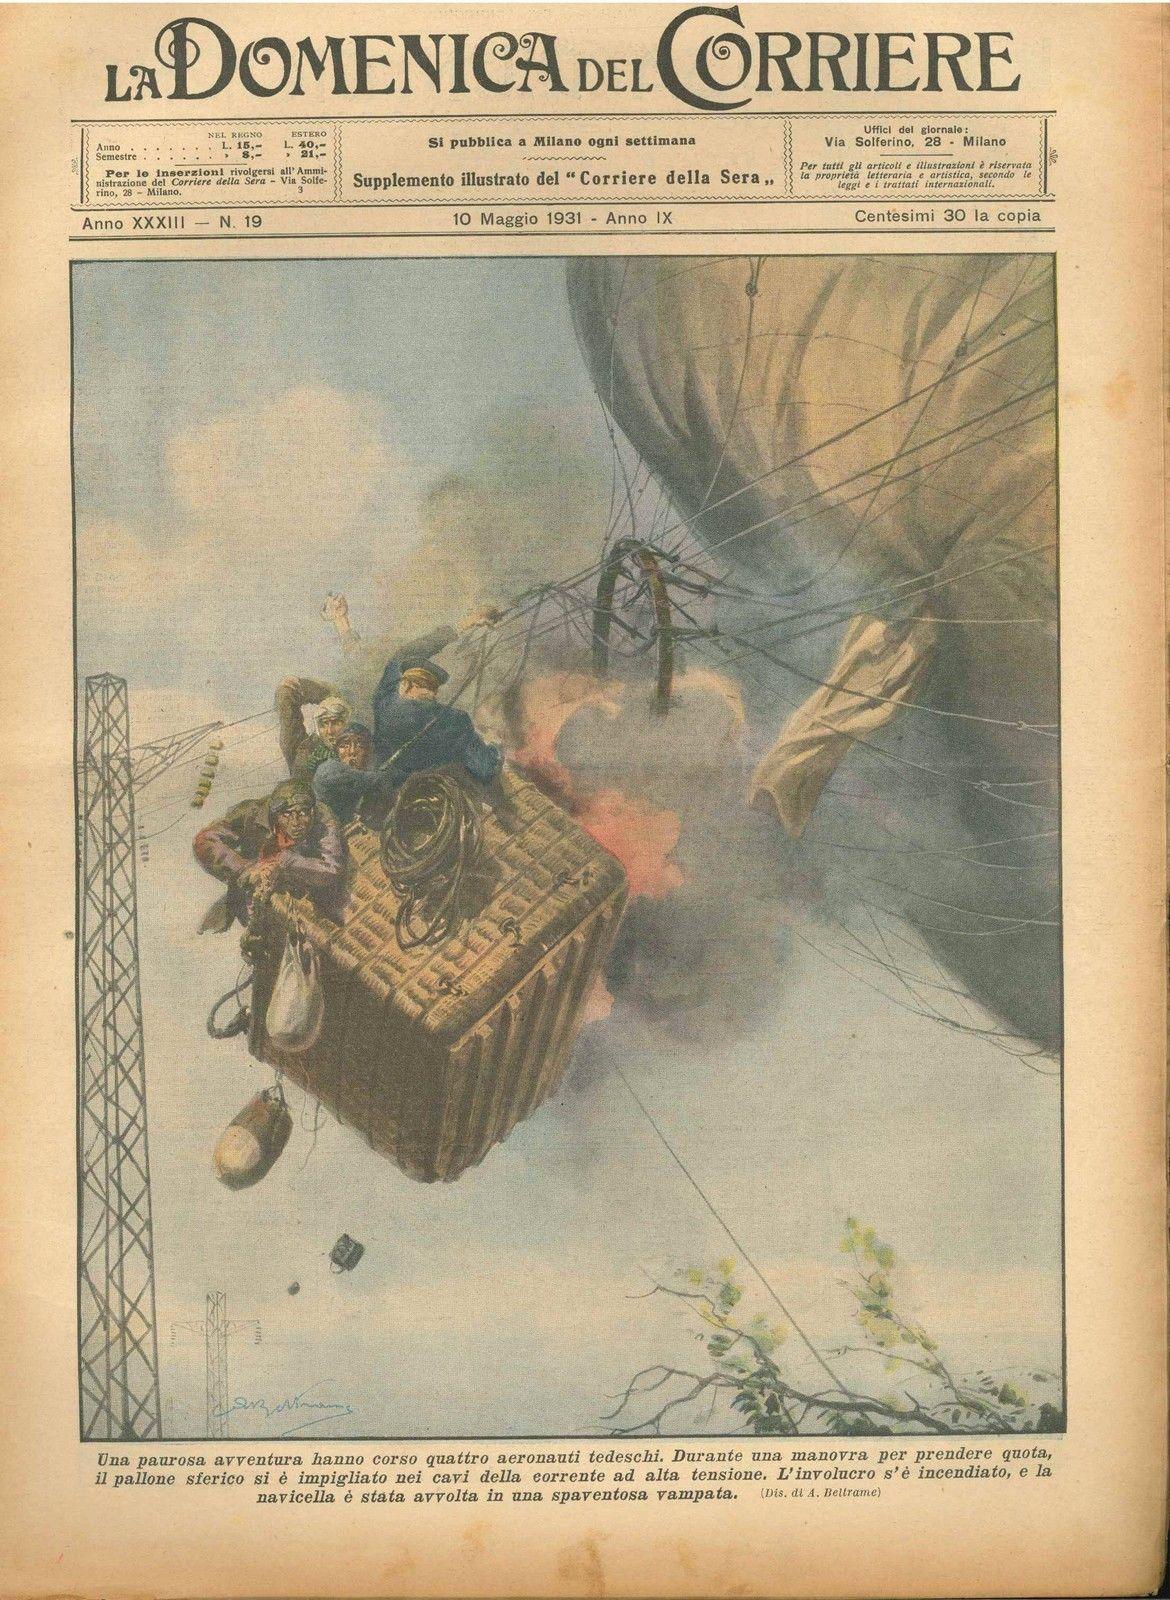 DOMENICA DEL CORRIERE N°  19 - 10 MAGGIO 1931 - ILL.  A. BELTRAME